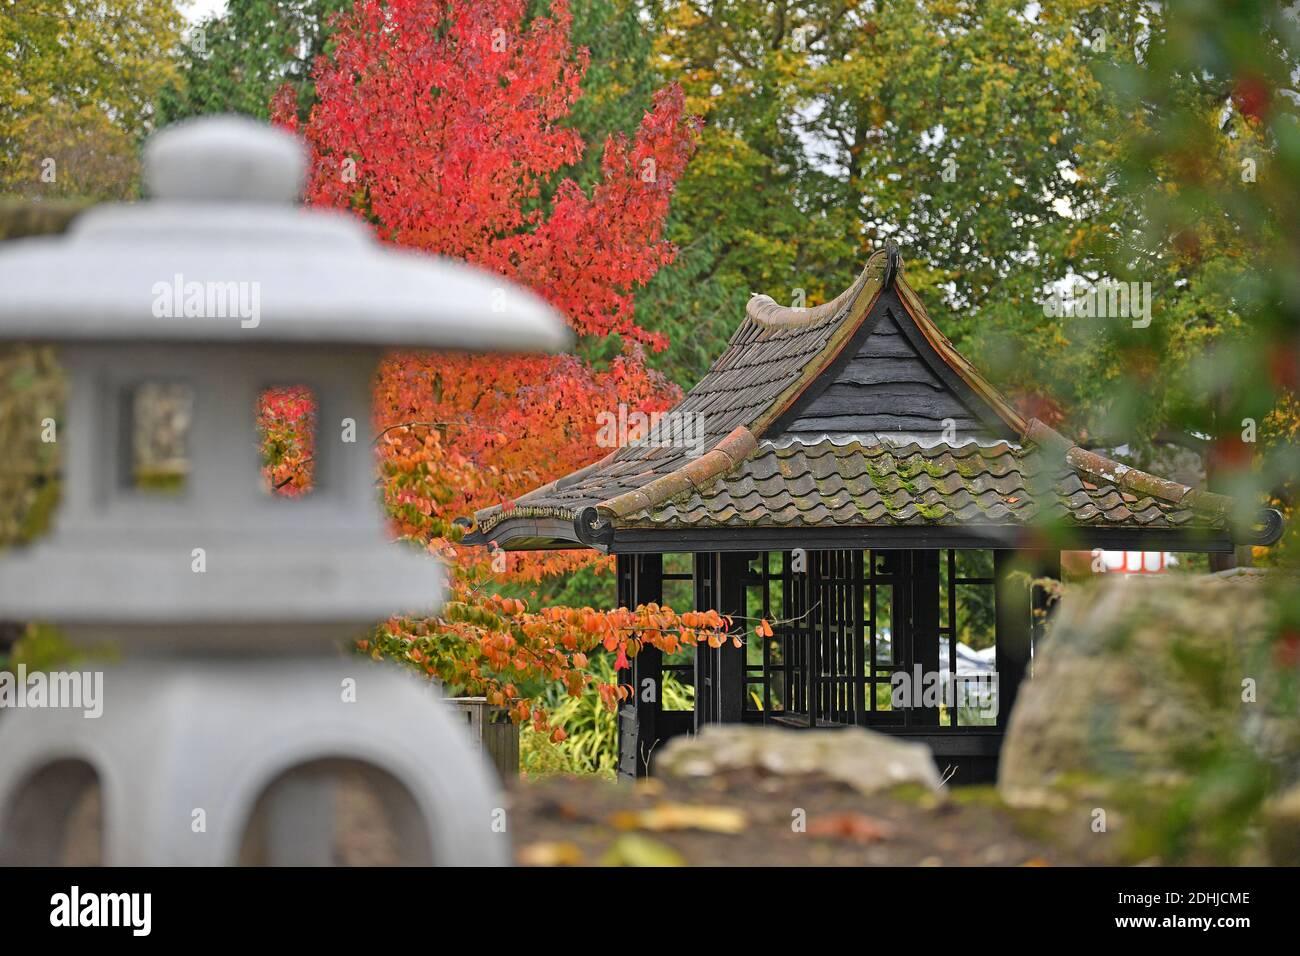 Aparecen en Stoke Park, Guildford - colores otoñales, ya que las obras continúan restaurando y mejorando los jardines orientales. Guildford, Surrey. Foto tomada el 20 de octubre de 2020 Foto de stock